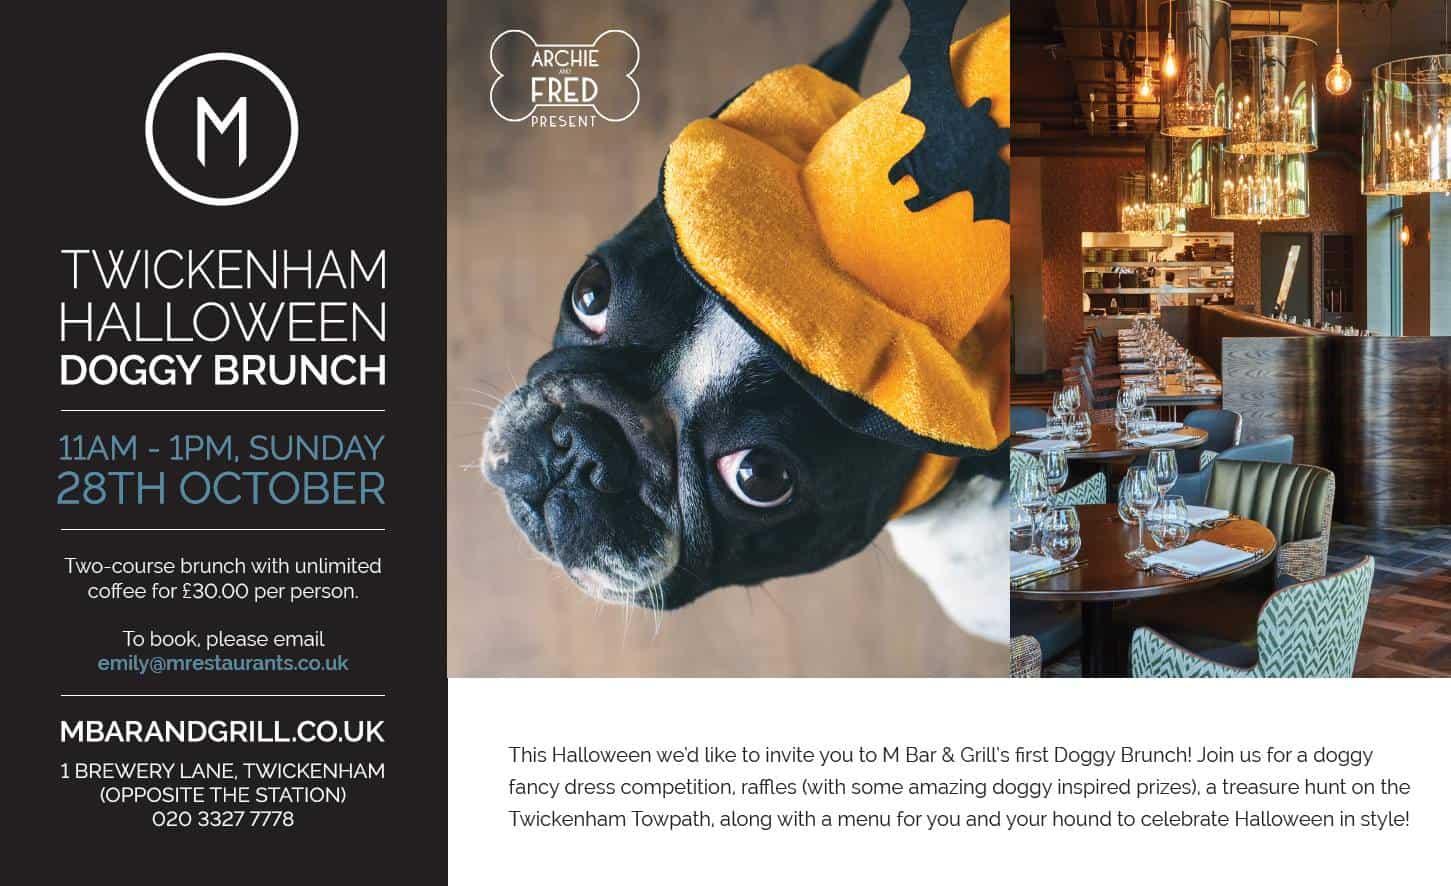 Halloween Doggy Brunch M Bar & Grill Twickenham